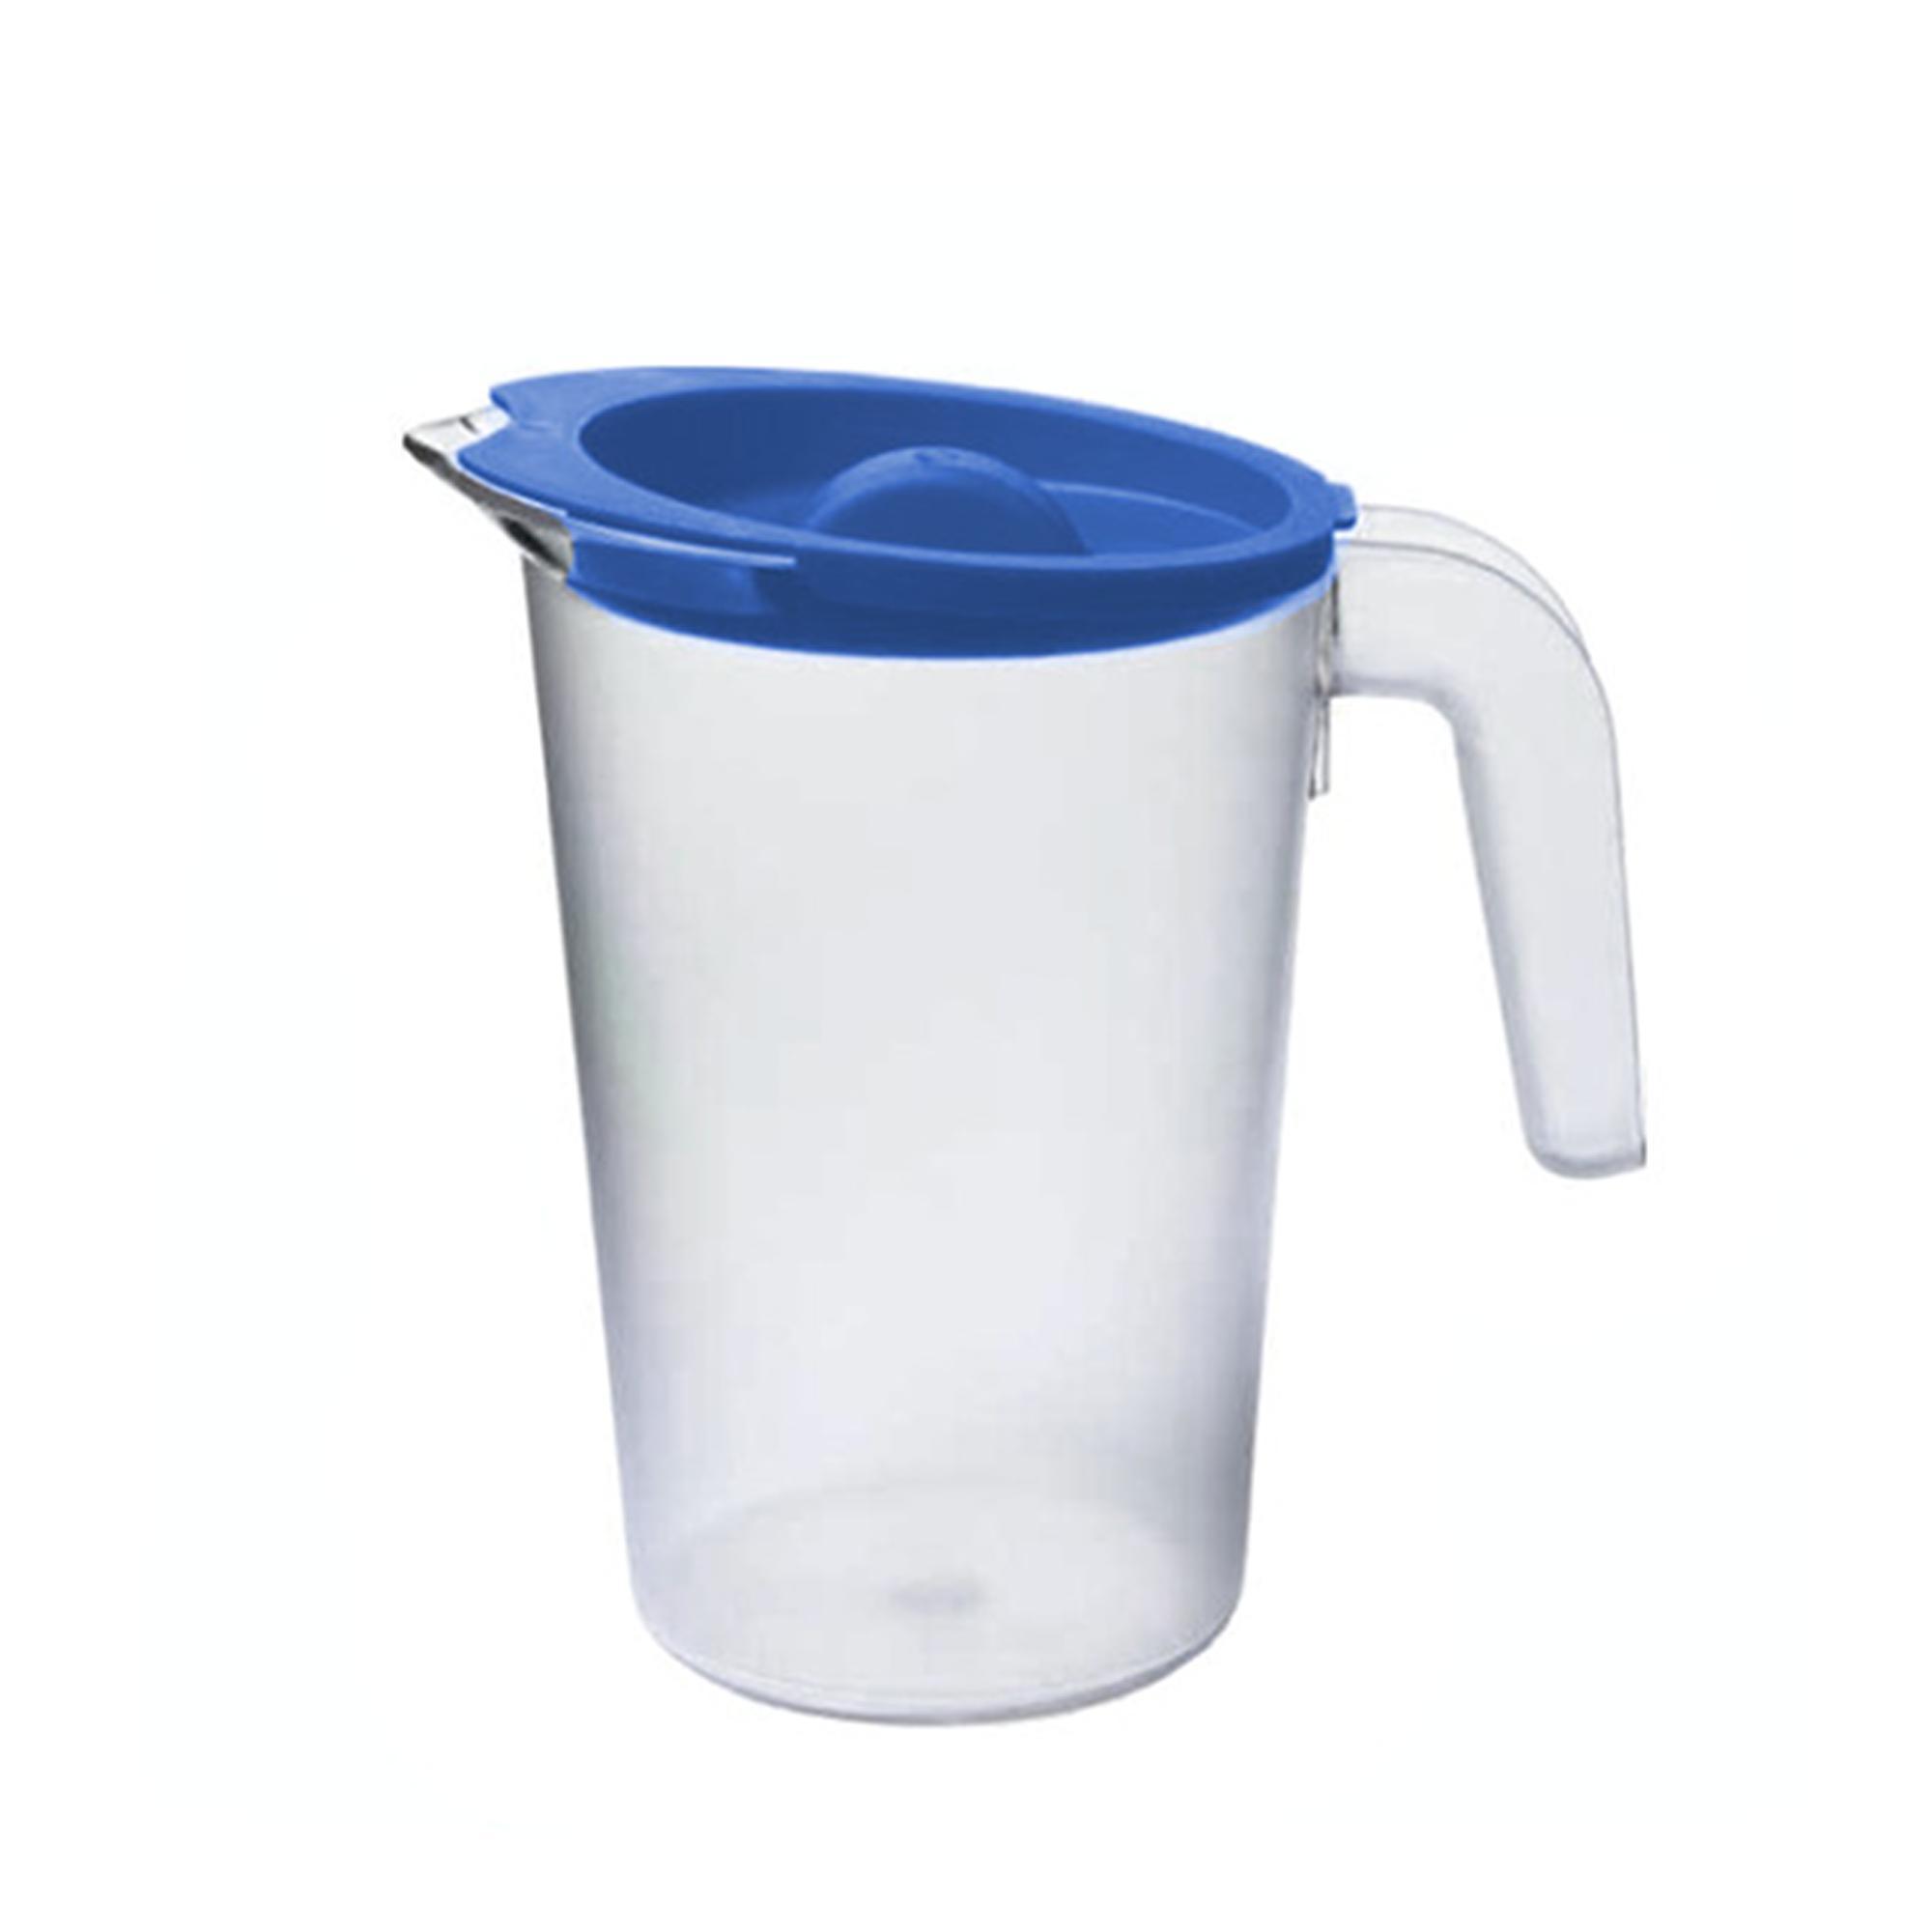 Cartaffini Caraffa per acqua trasparente in polipropilene con tappo lt 1,5